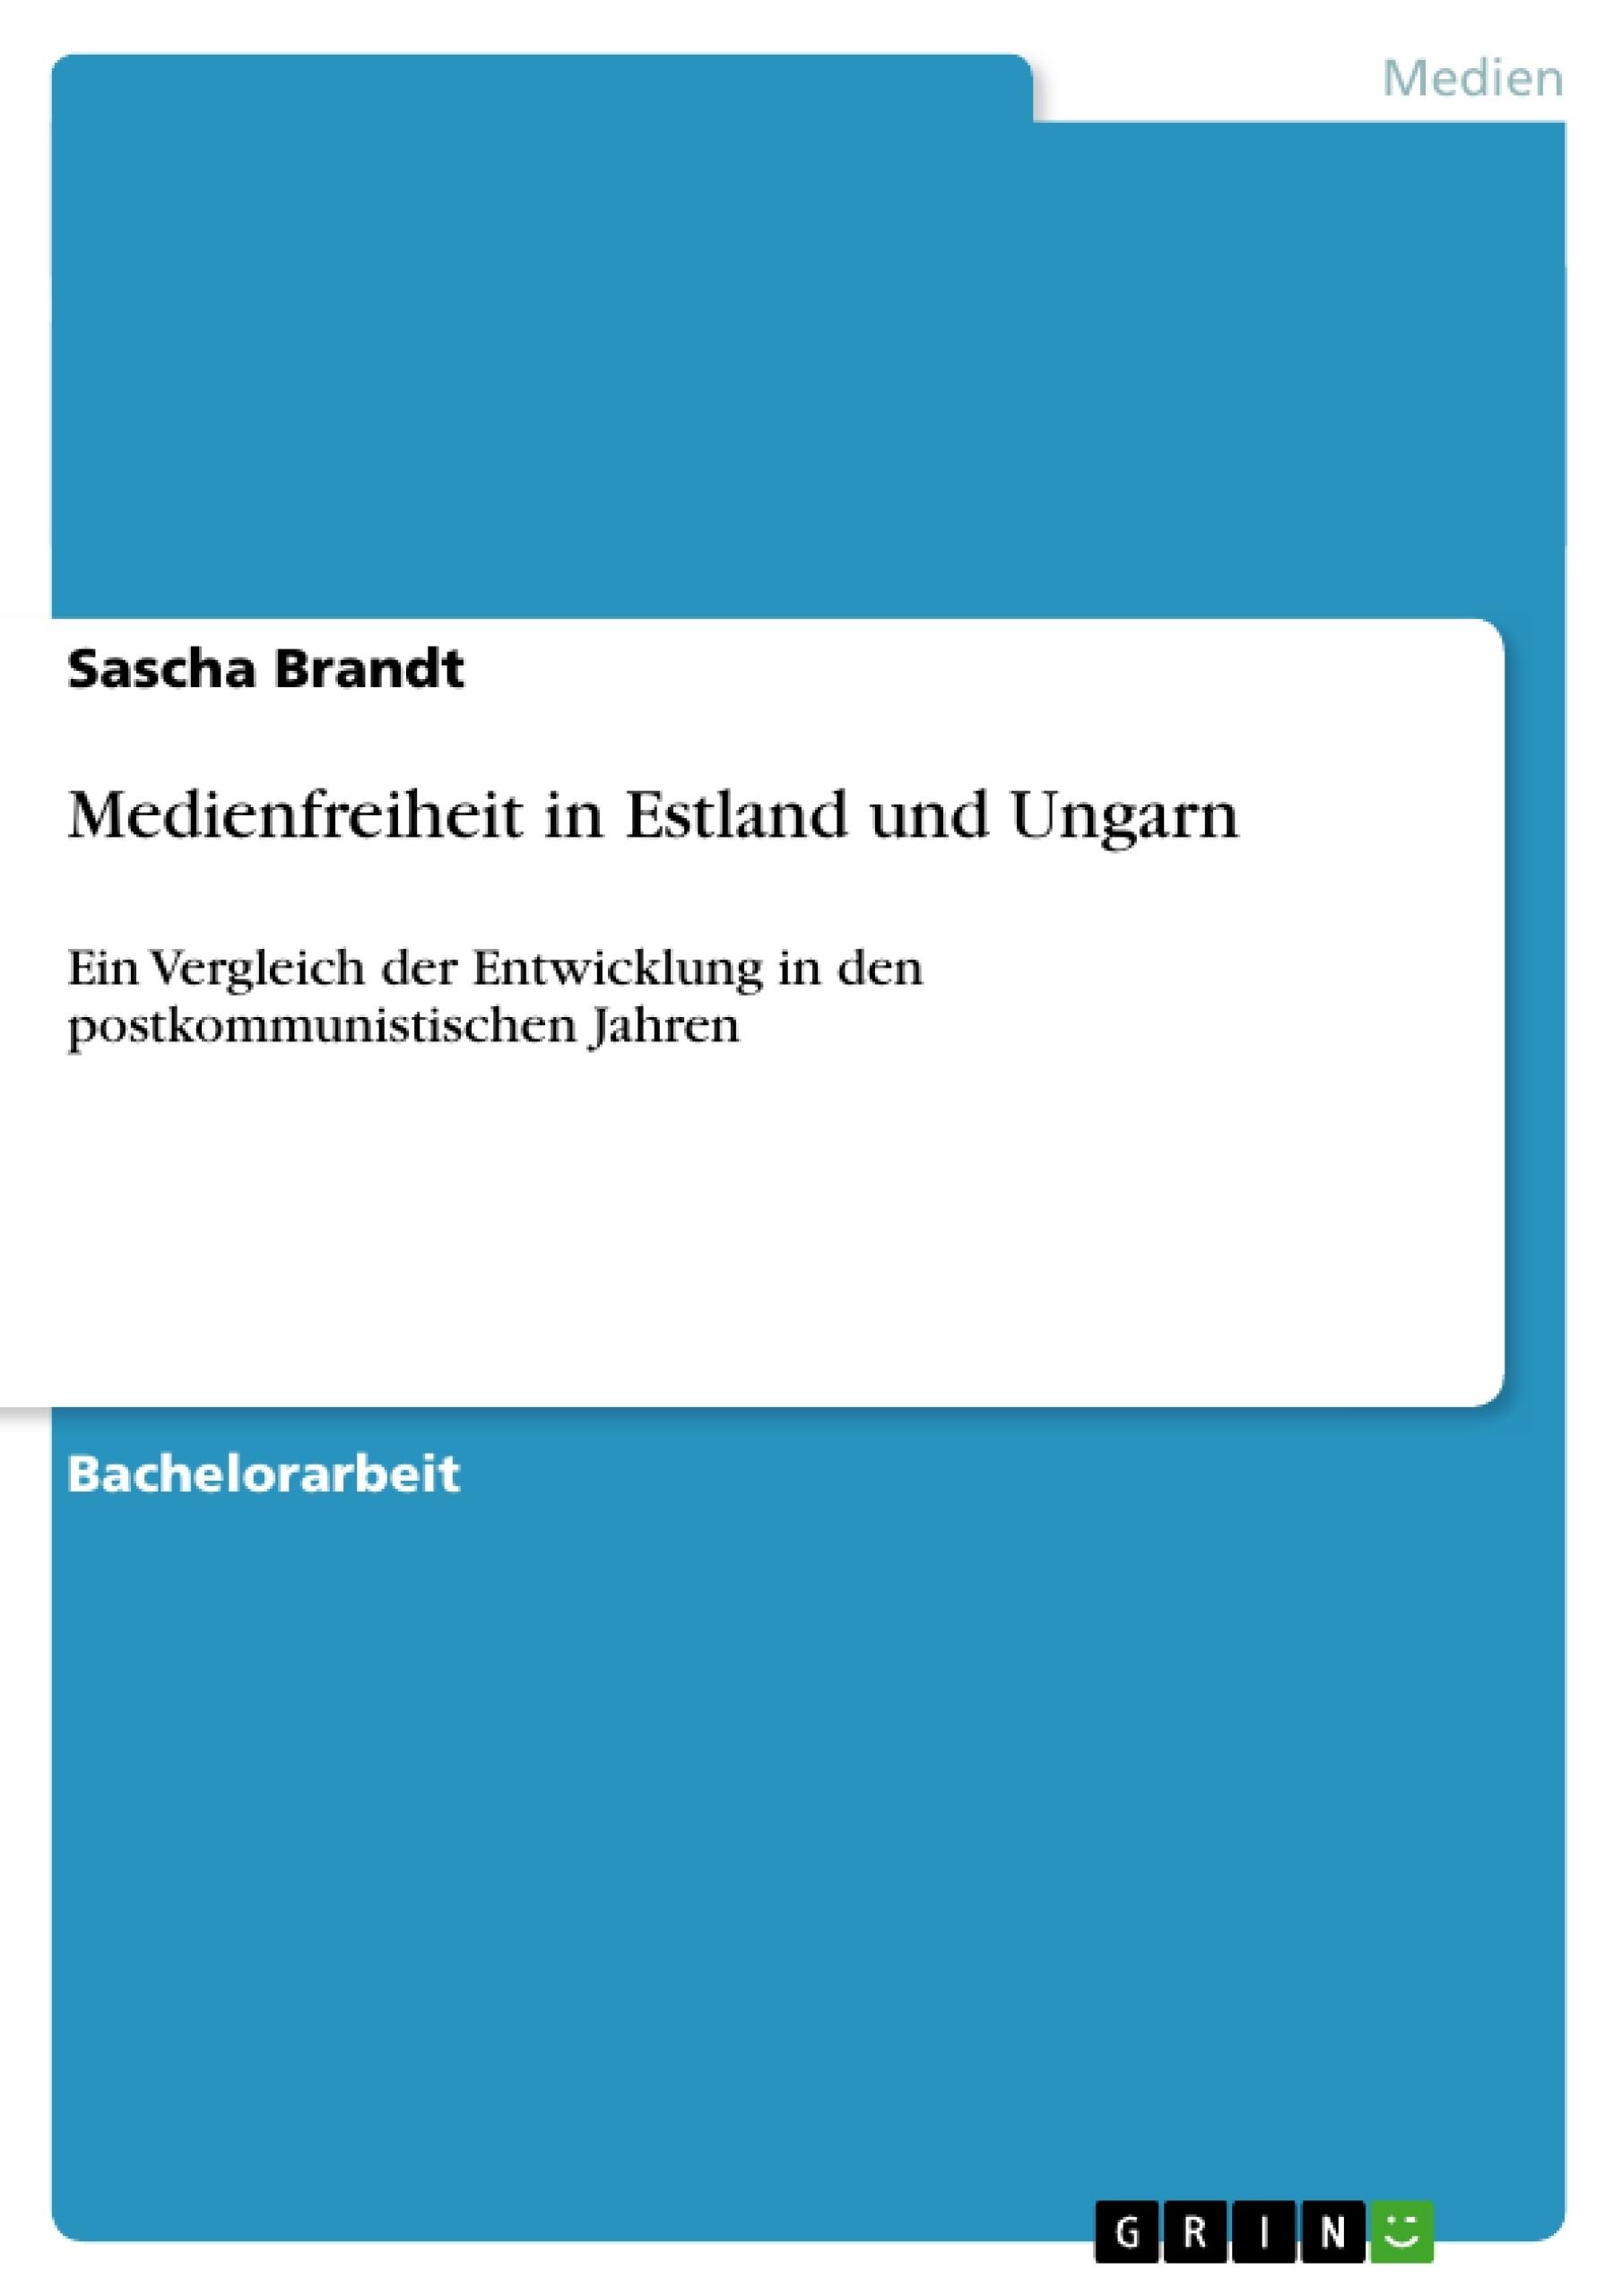 Titel: Medienfreiheit in Estland und Ungarn